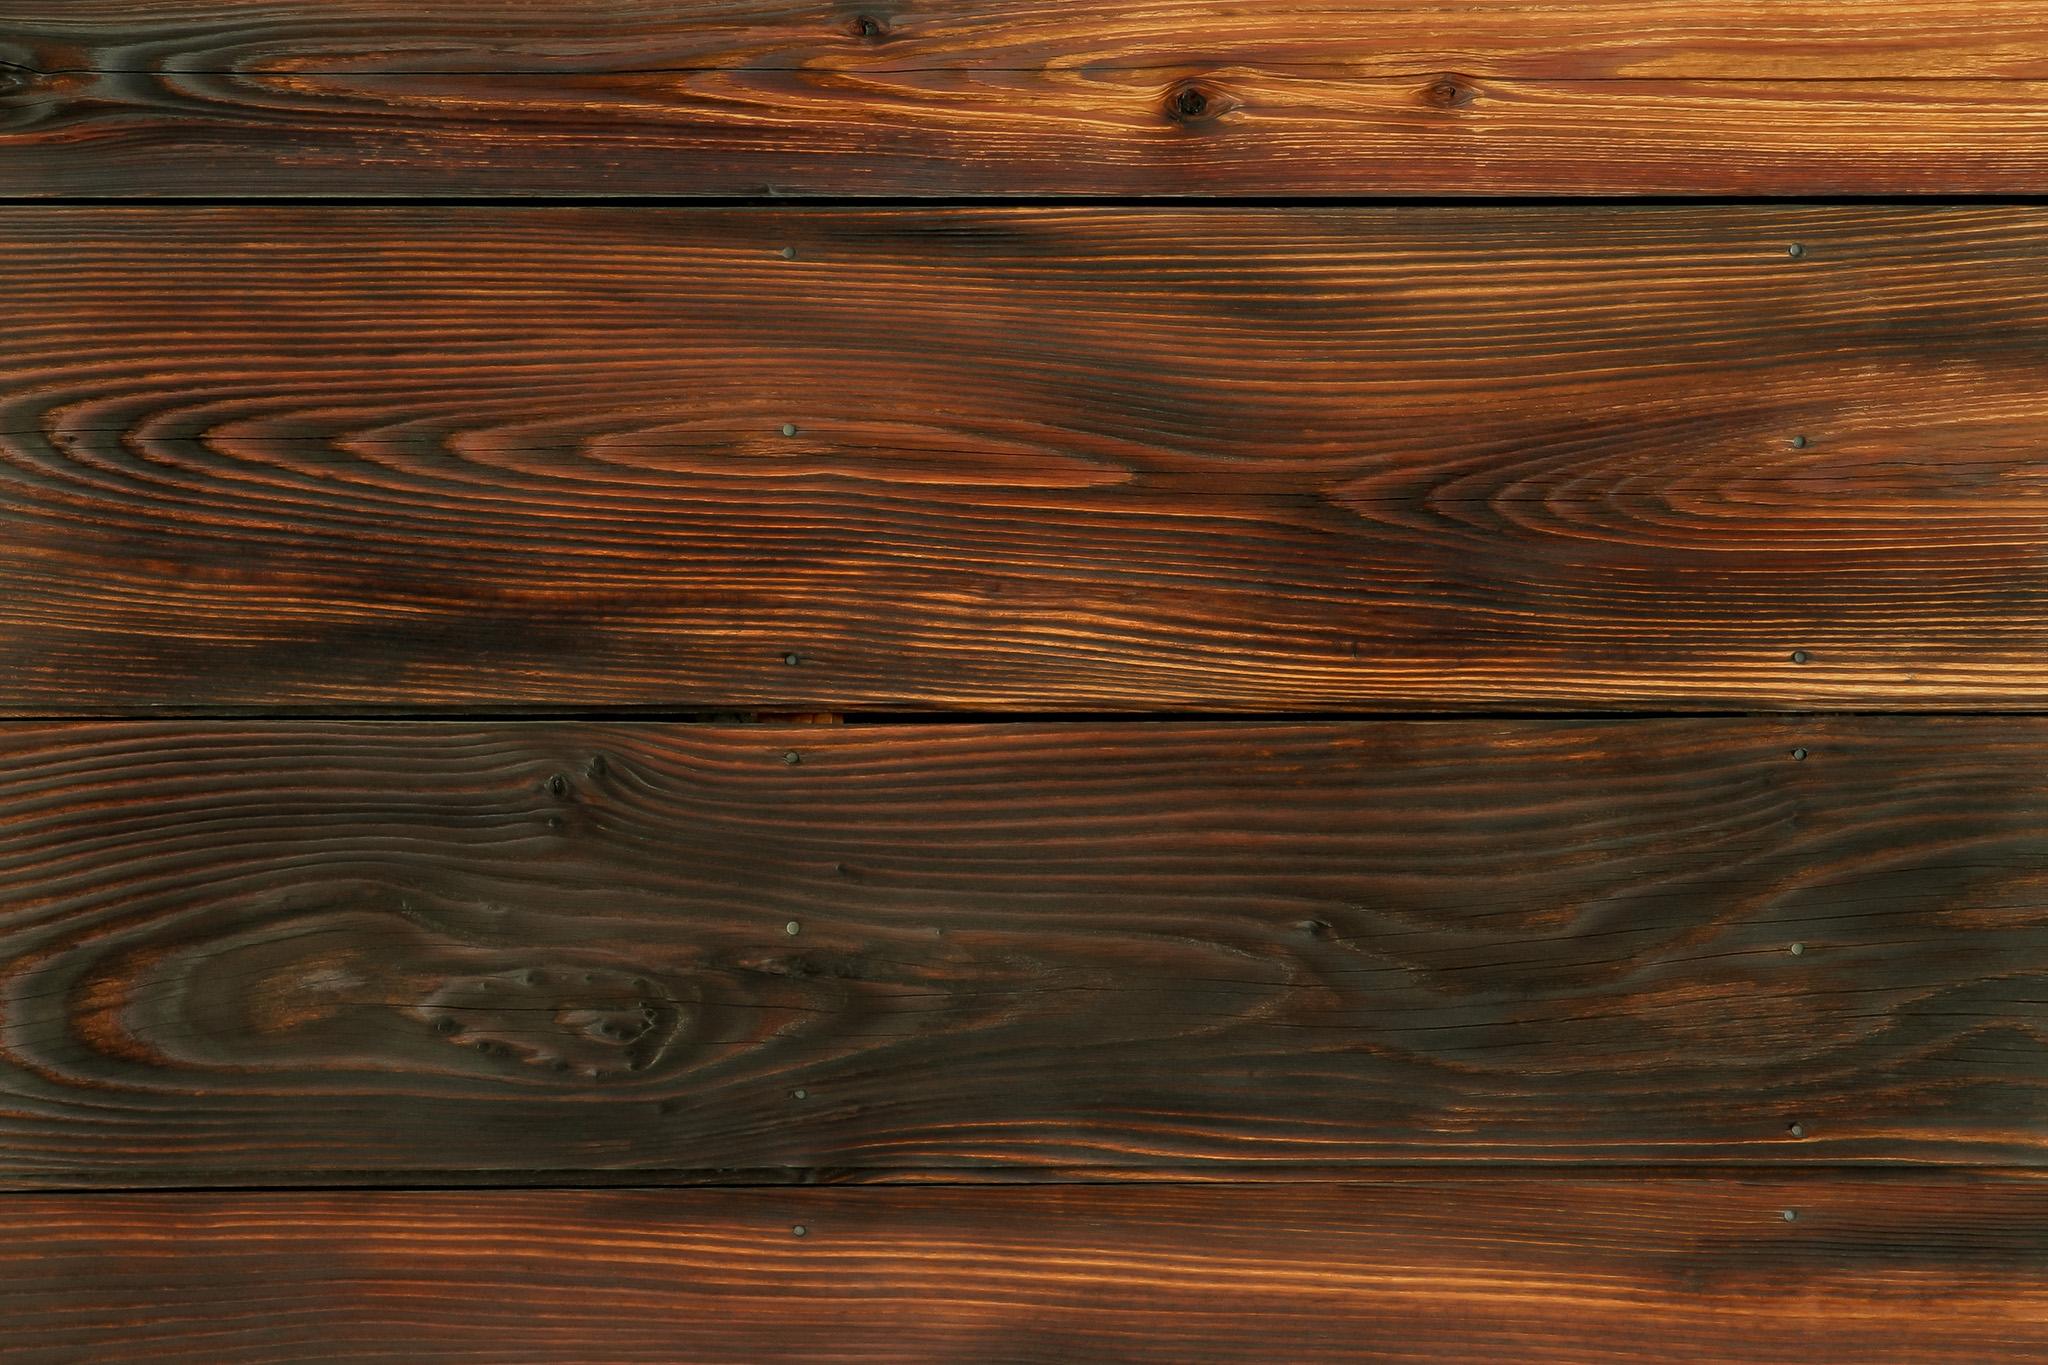 「焼き杉板の木壁」の素材を無料ダウンロード